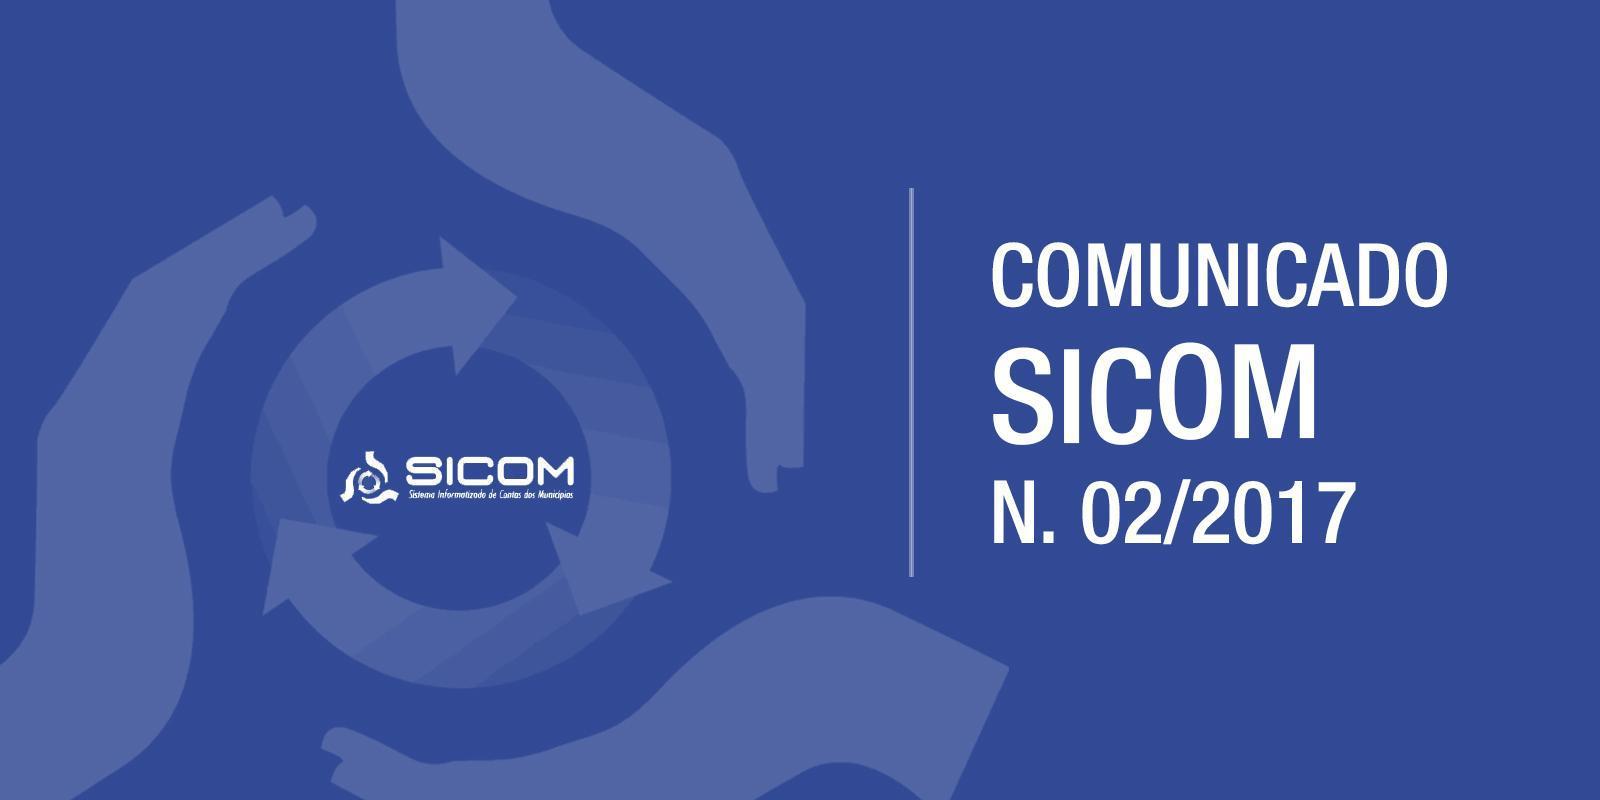 COMUNICADO SICOM N. 02/2017